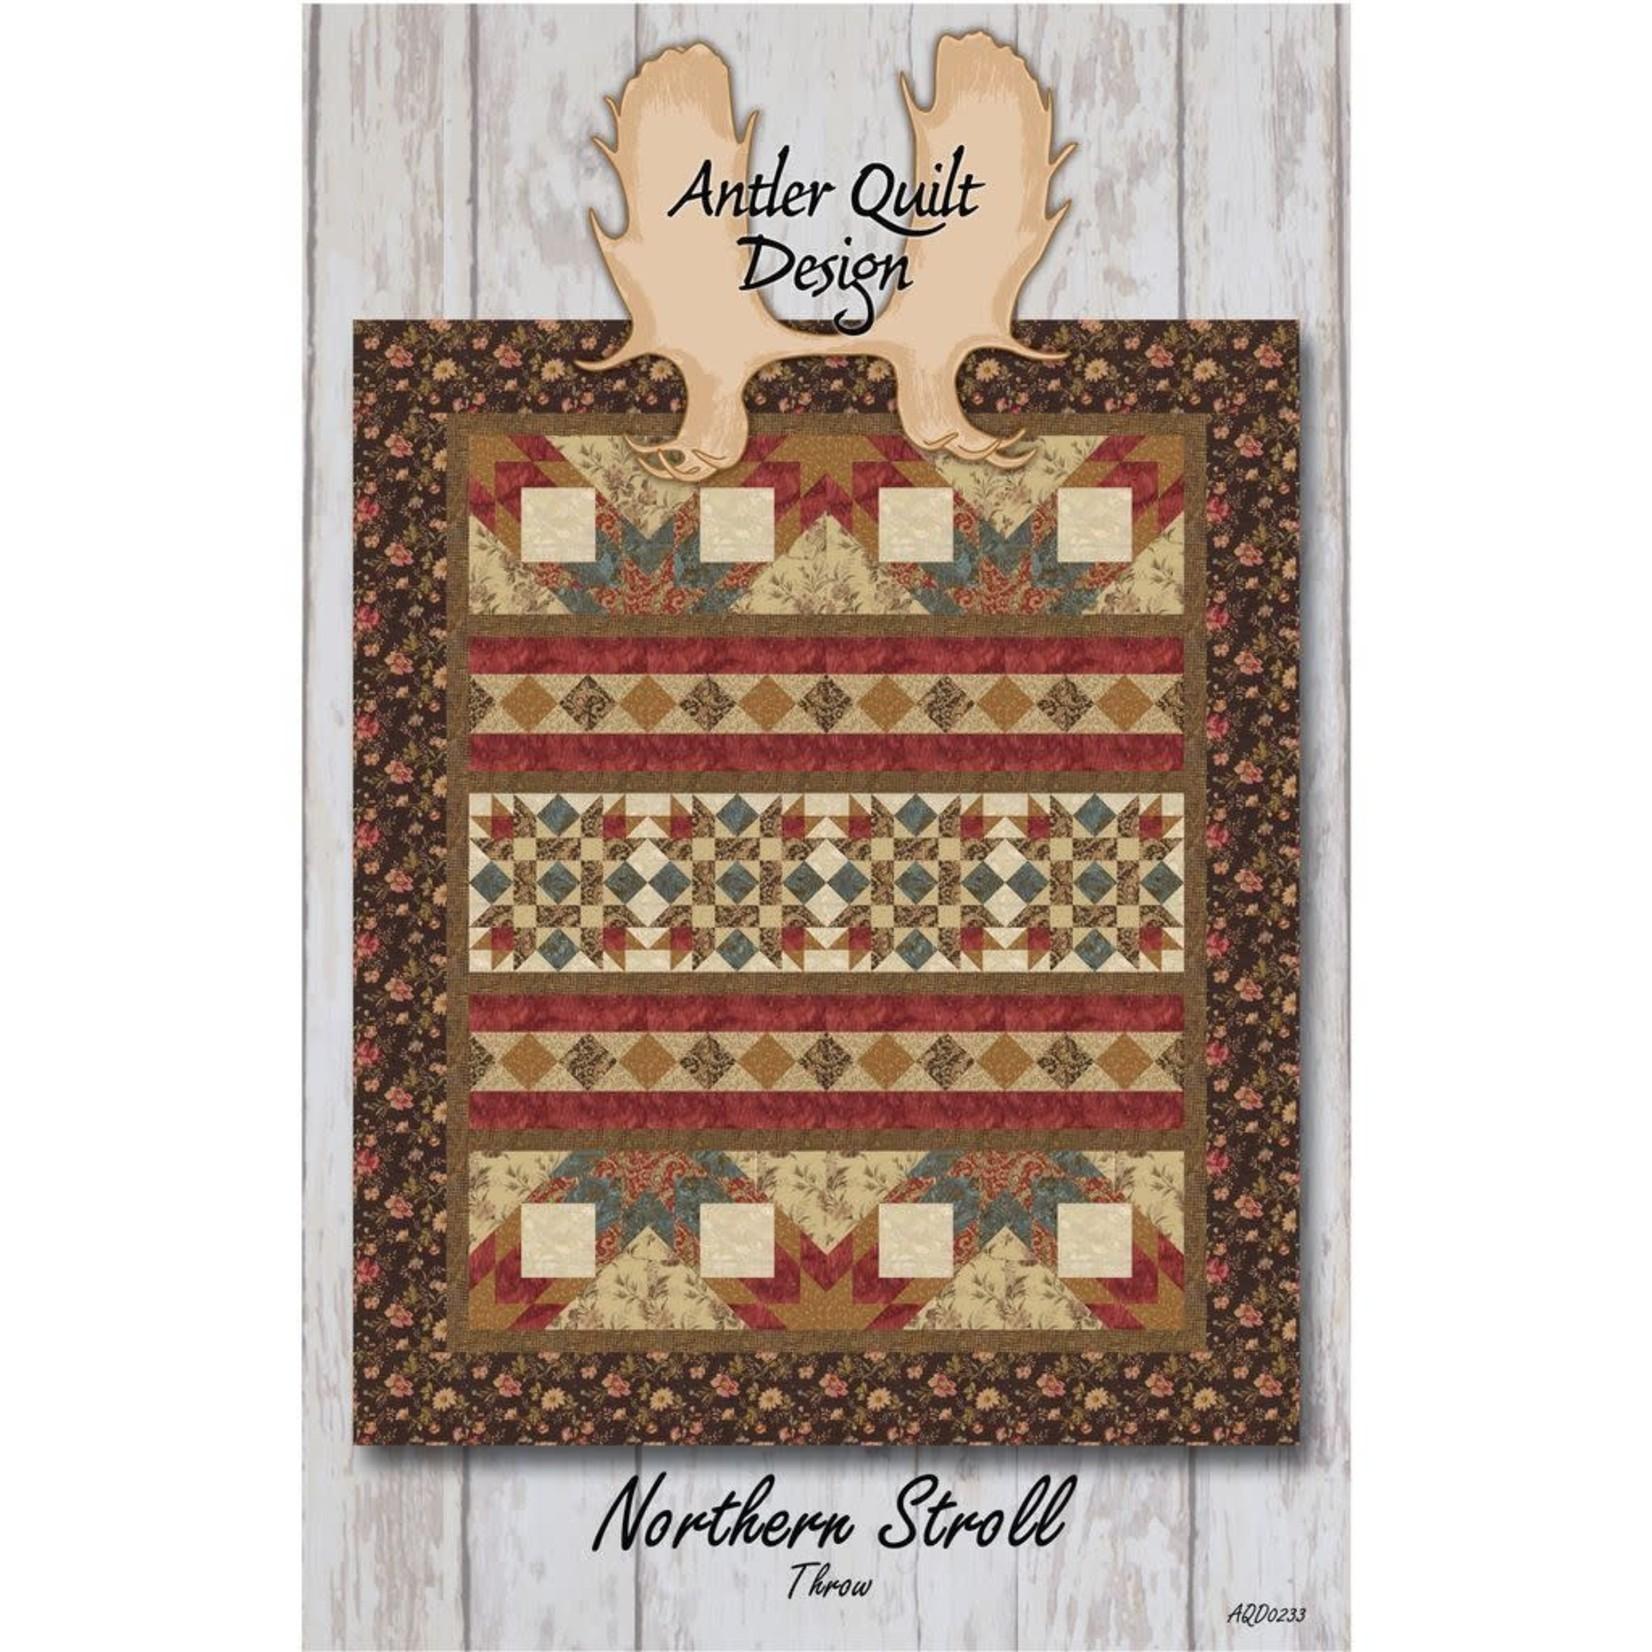 Antler Quilt Design Northern Stroll Throw Pattern